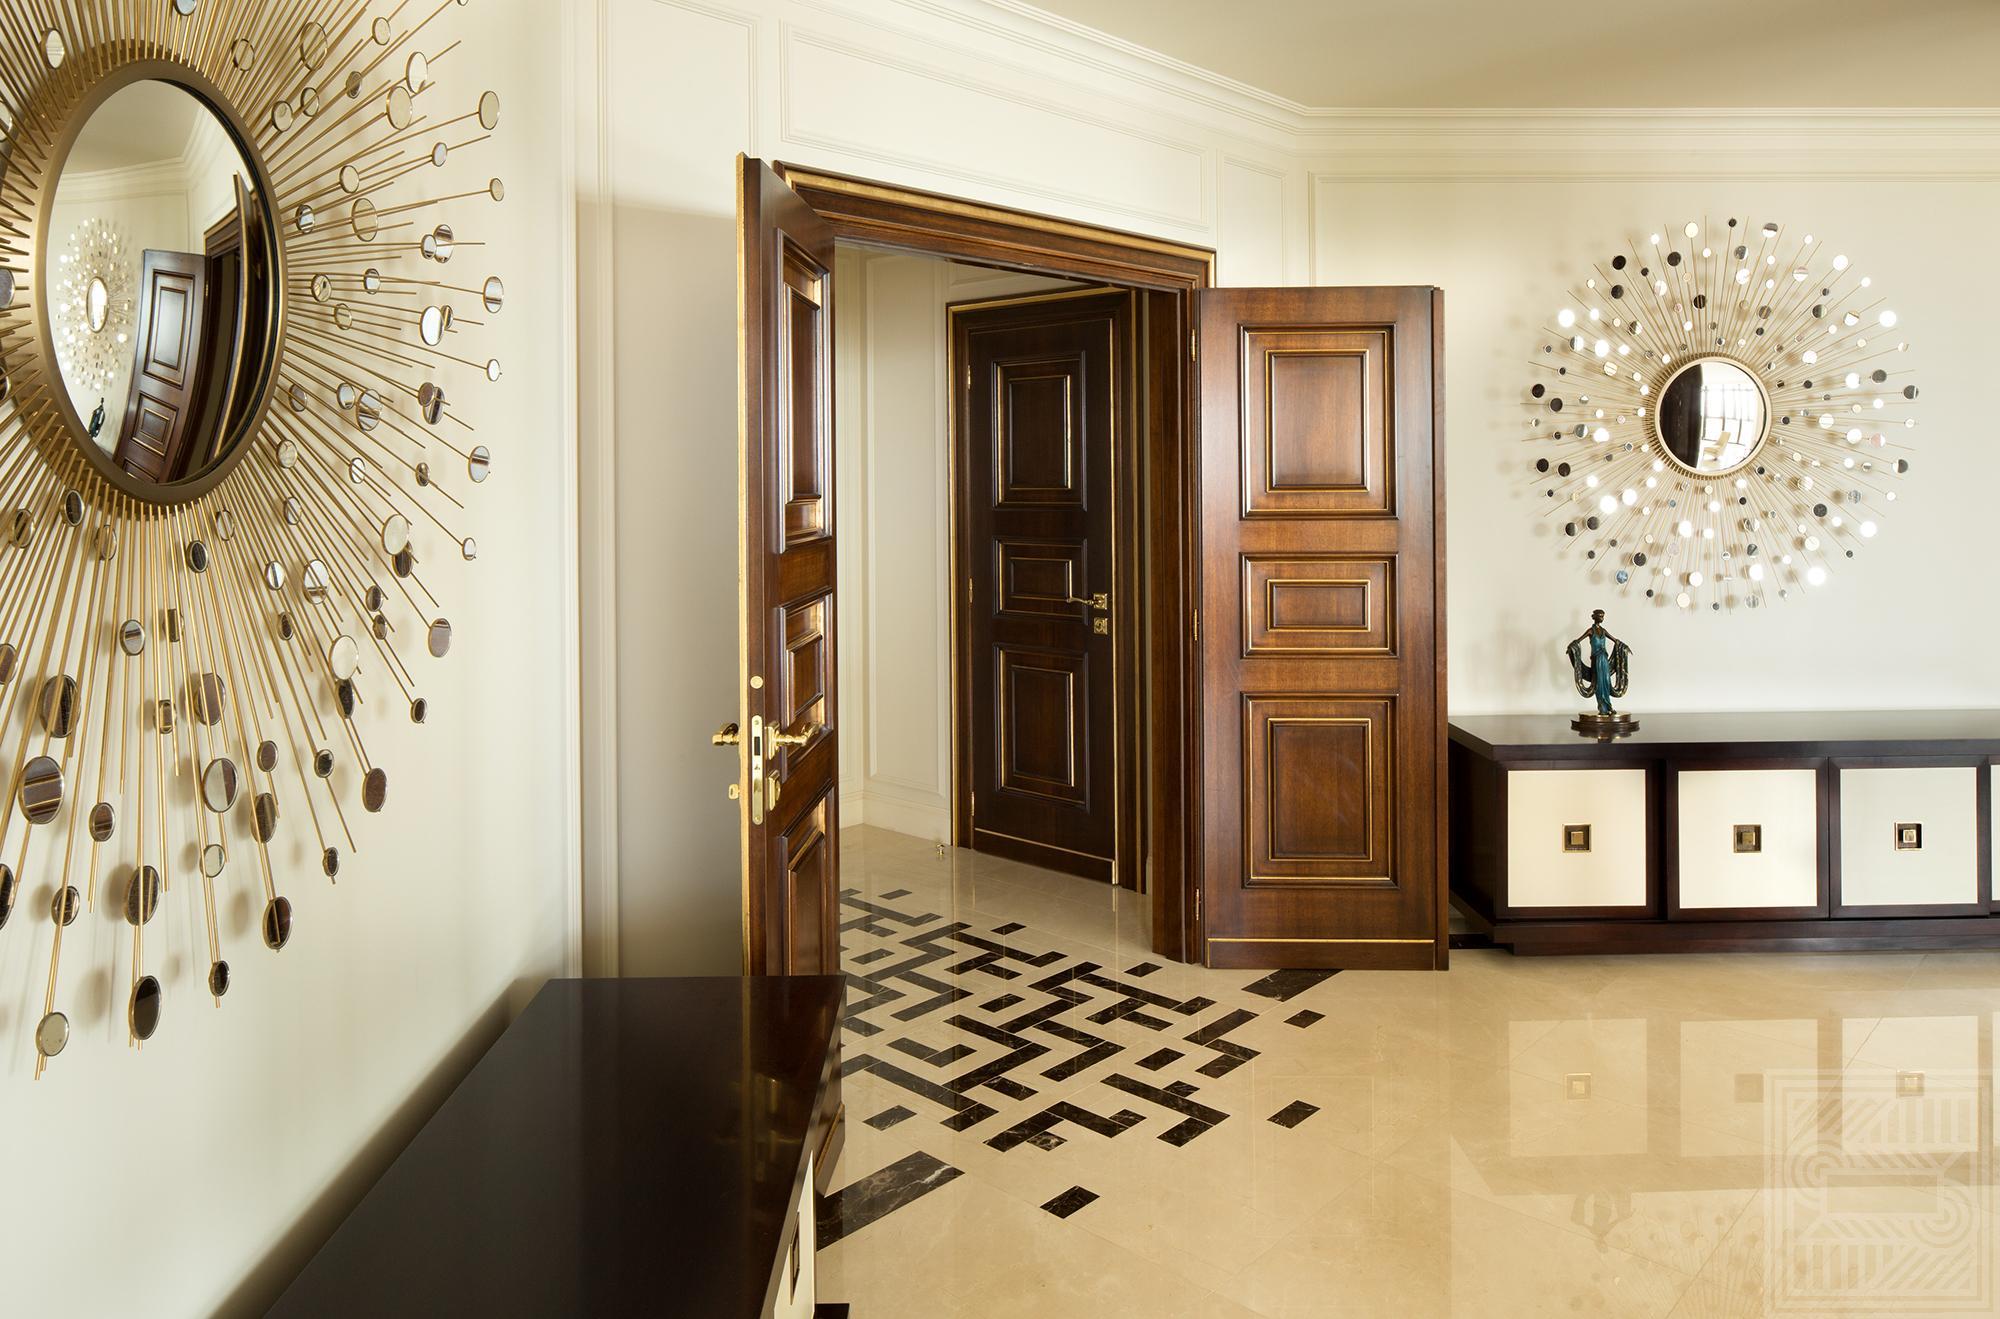 Пол из мрамора Сrema Marfil и Oriental Brown 20 мм floor-marble - Inkrustatsiya pola mramorom Srema Marfil Oriental Brown 20 mm